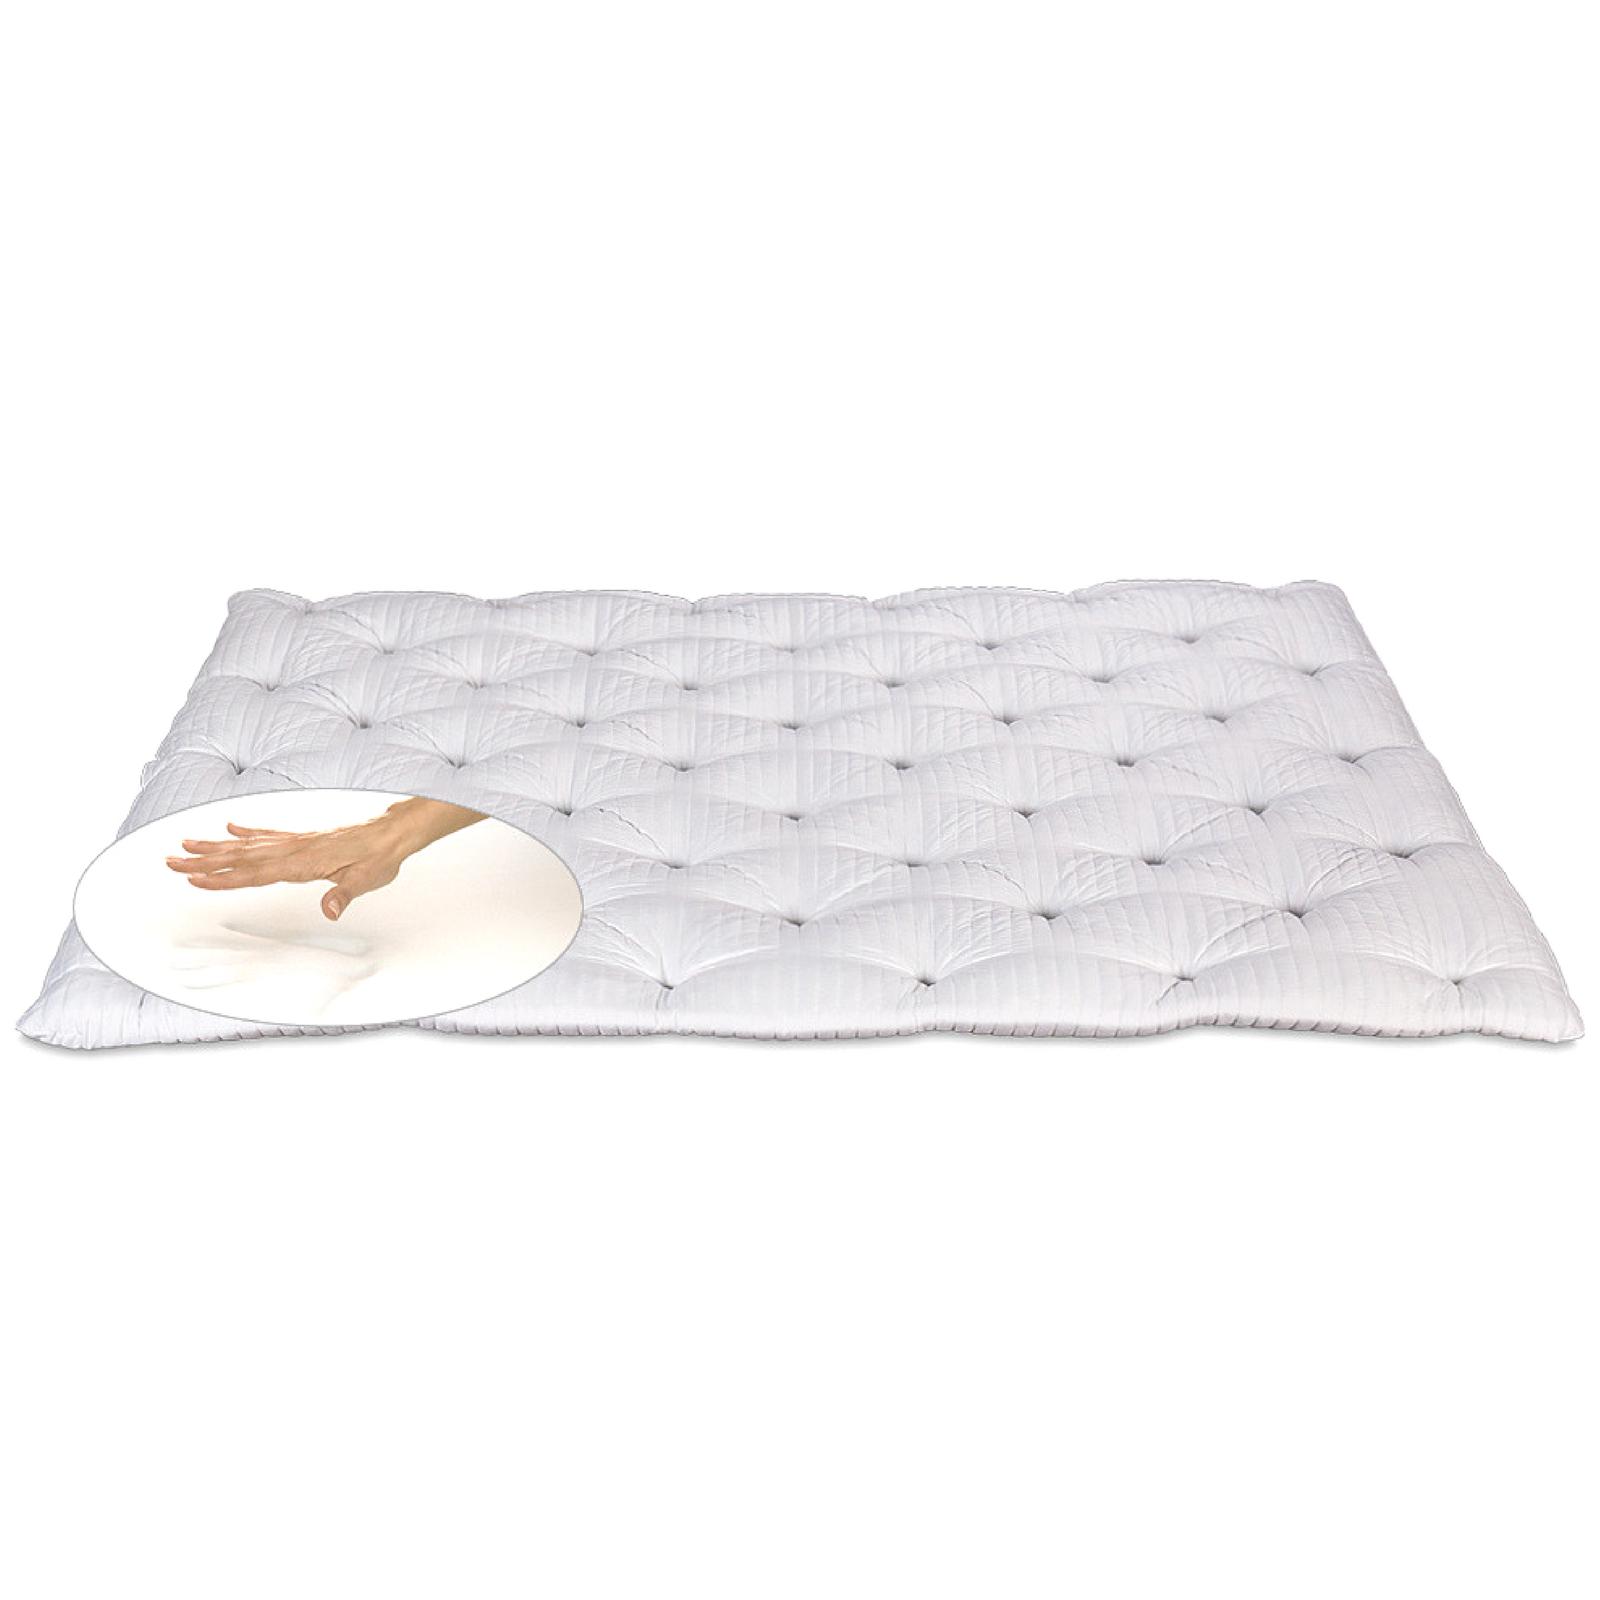 Futon – Correcteur Matelas en mousse visco-élastique H 7, Topper lit futon | Dreame